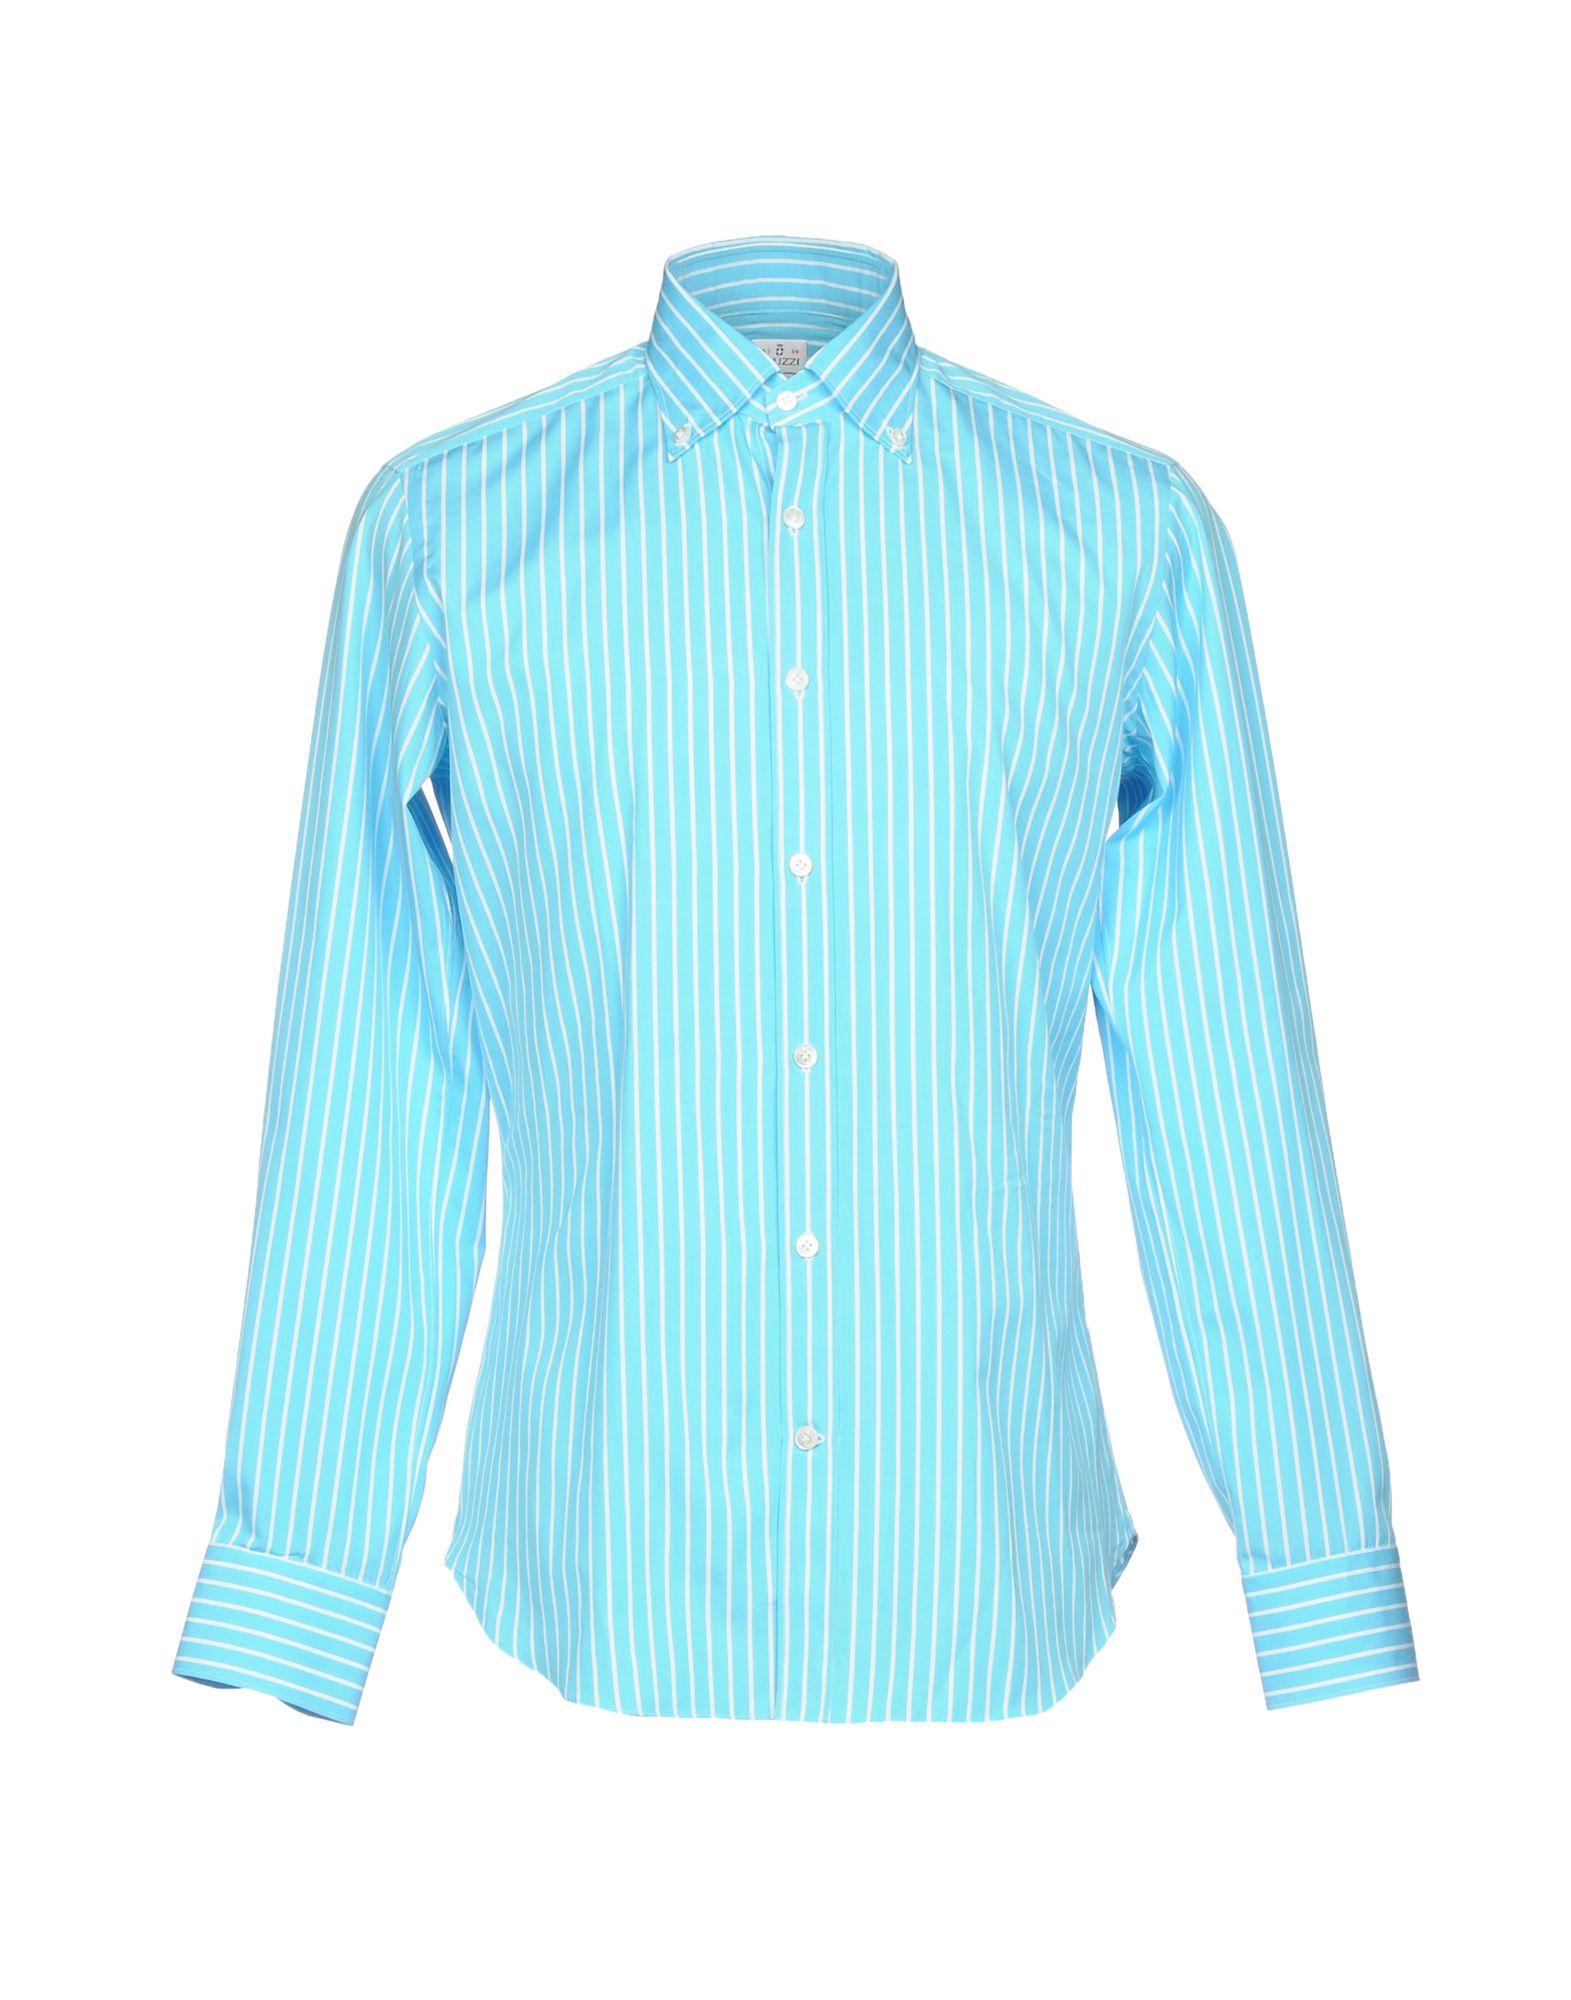 TRUZZI Herren Hemd Farbe Azurblau Größe 6